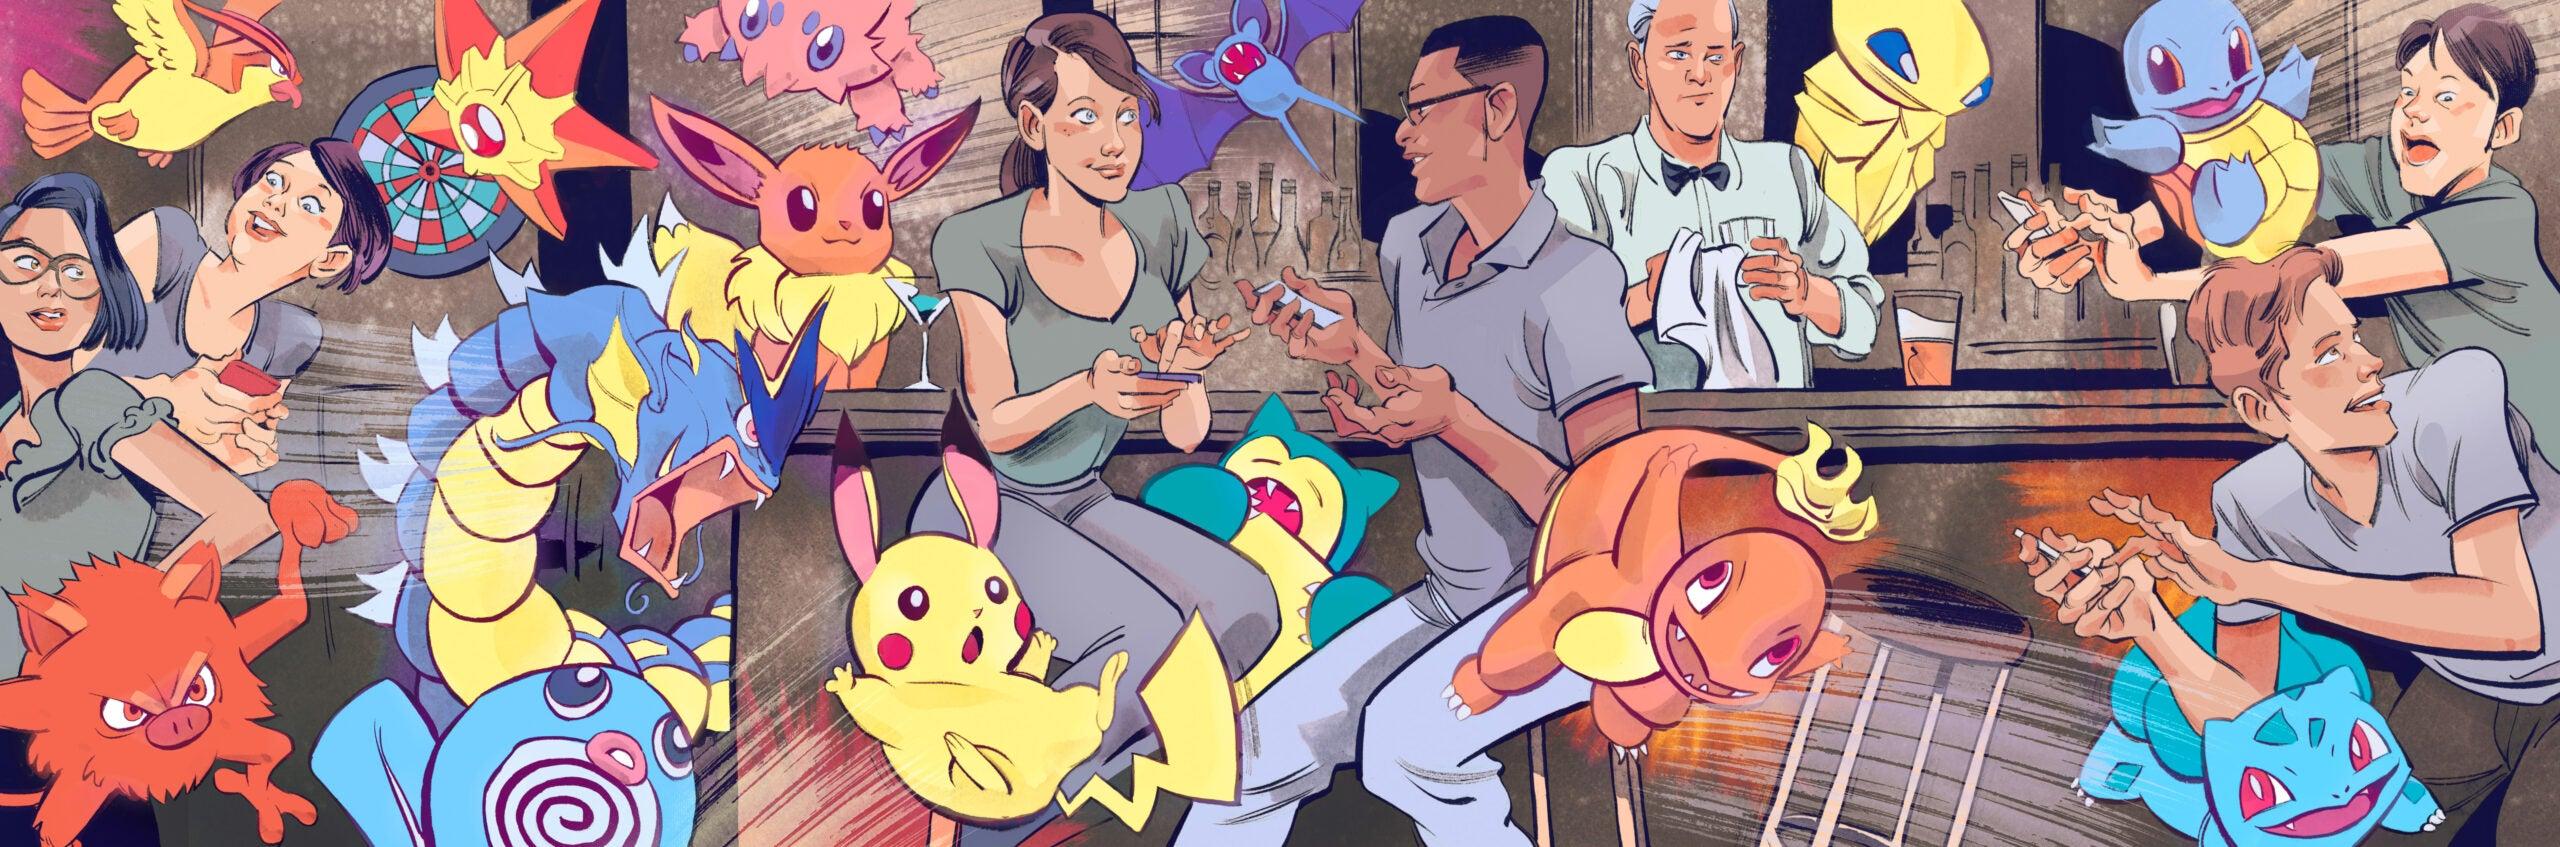 Pokémon With Friends